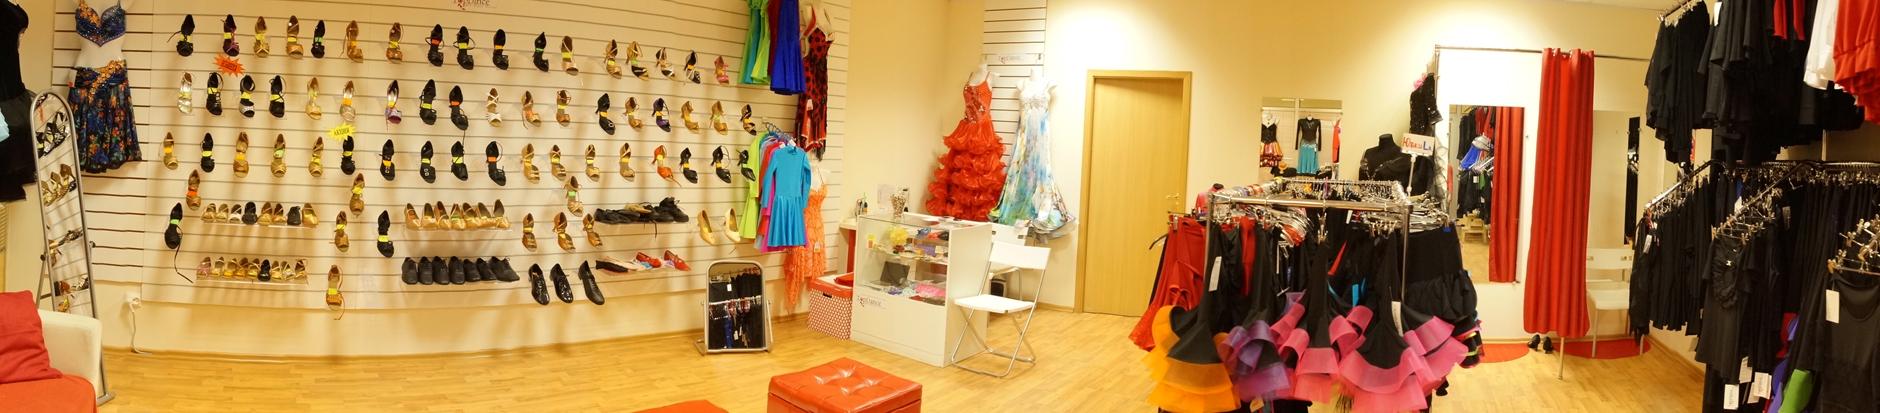 Магазин спортивных товаров метро проспект мира Москва